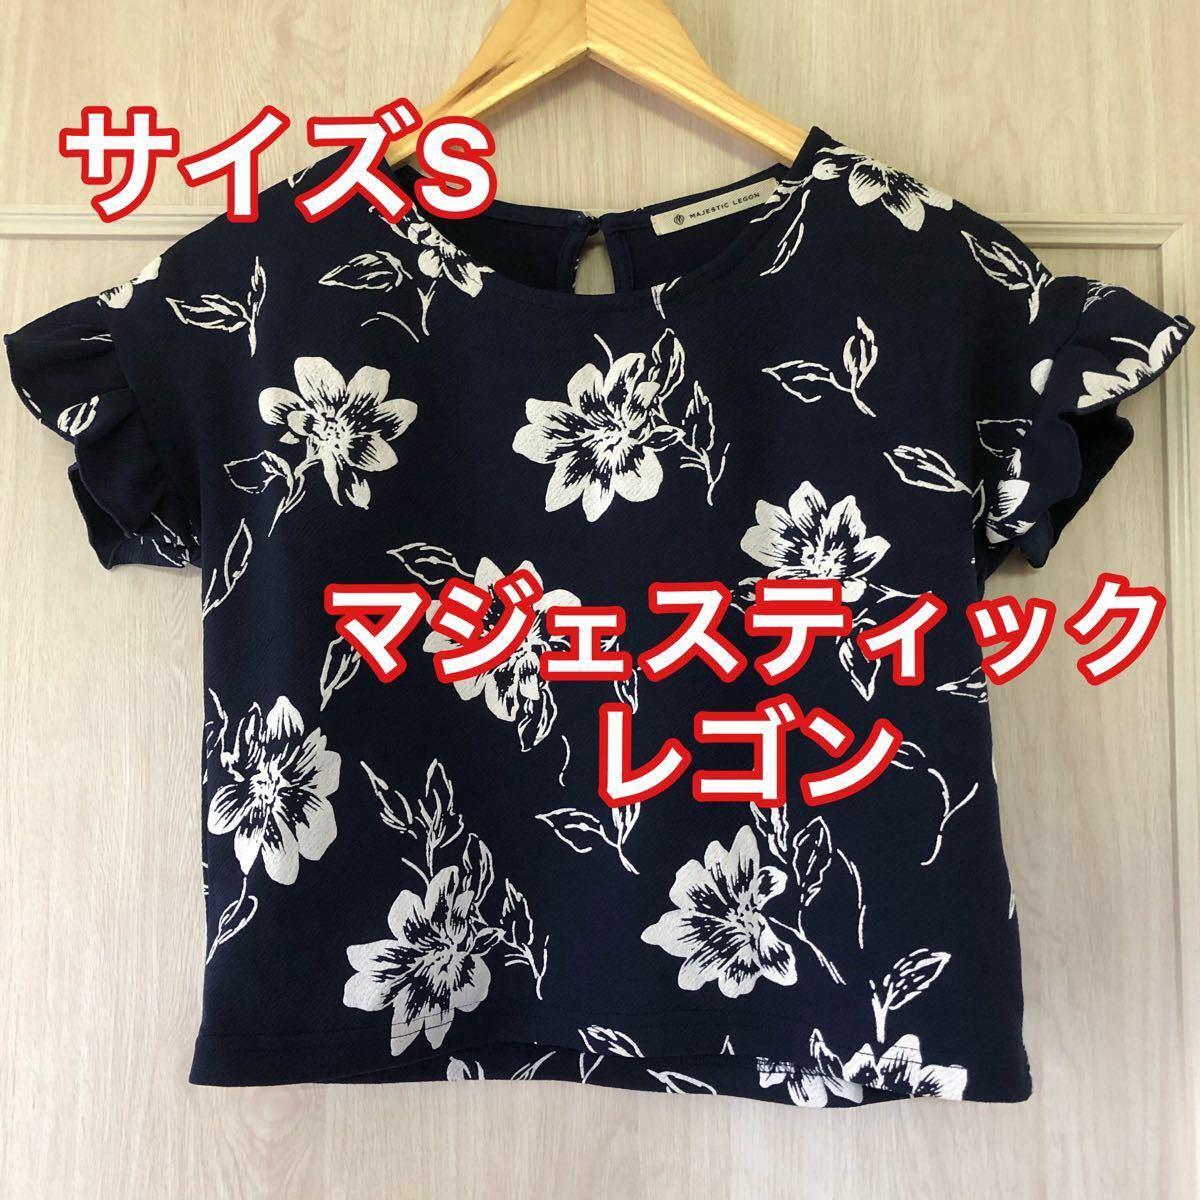 ★MAJESTICREGON★マジェスティックレゴン 花柄 カットソー S